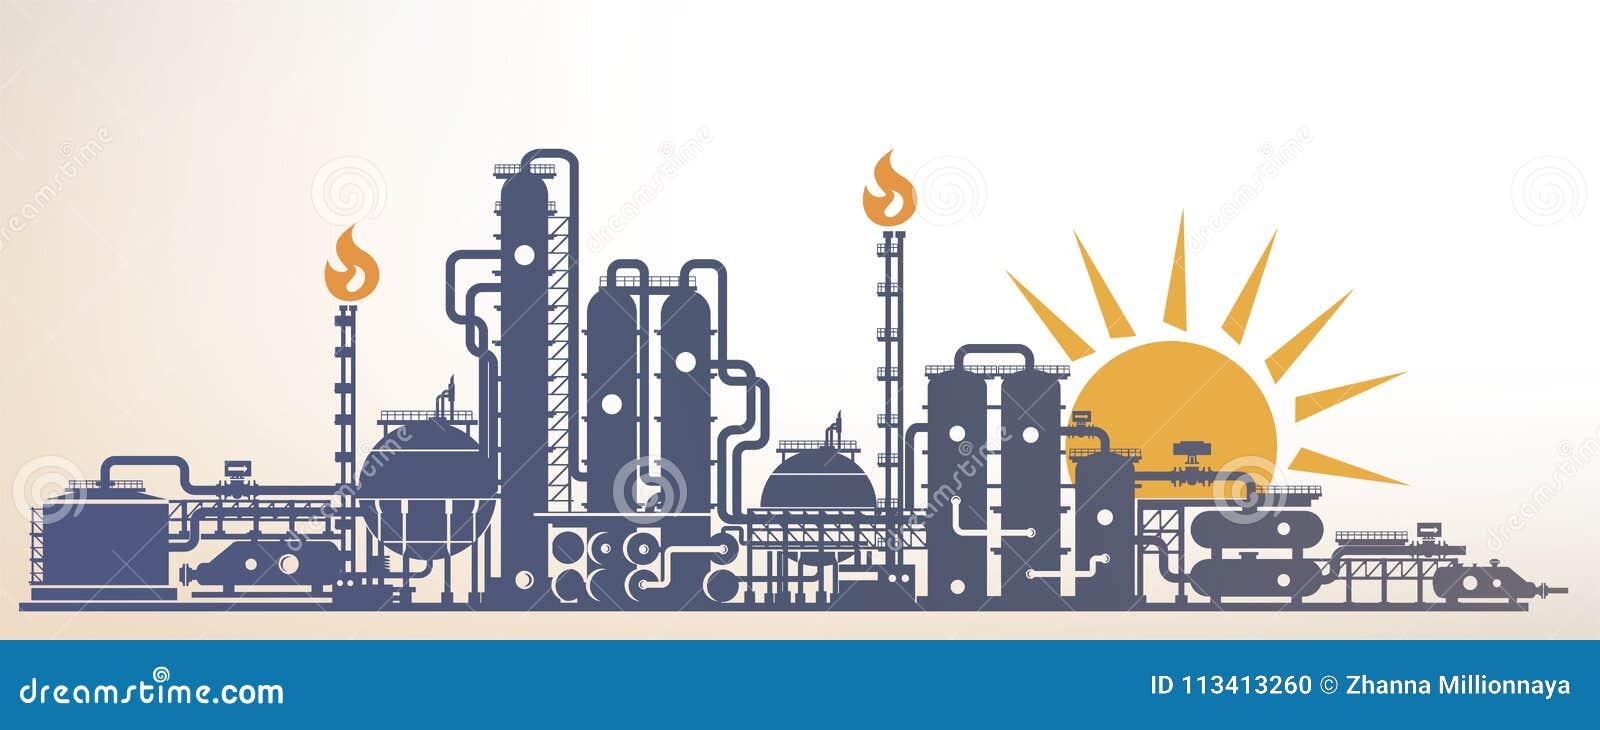 Kemikalie petrokemiskt eller bearbetningsanläggning